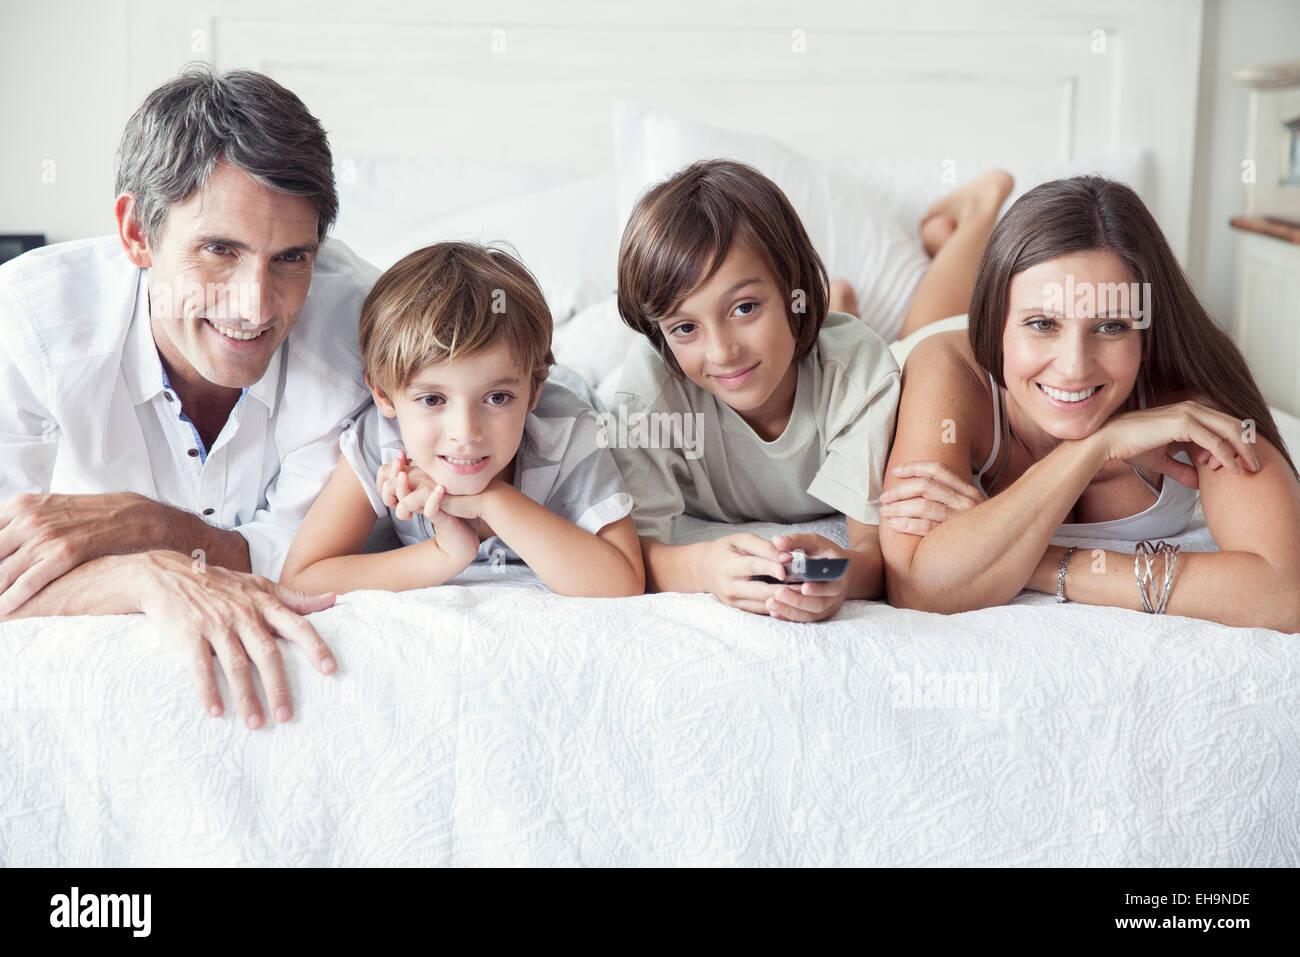 Familia viendo la televisión en la cama, Retrato Imagen De Stock